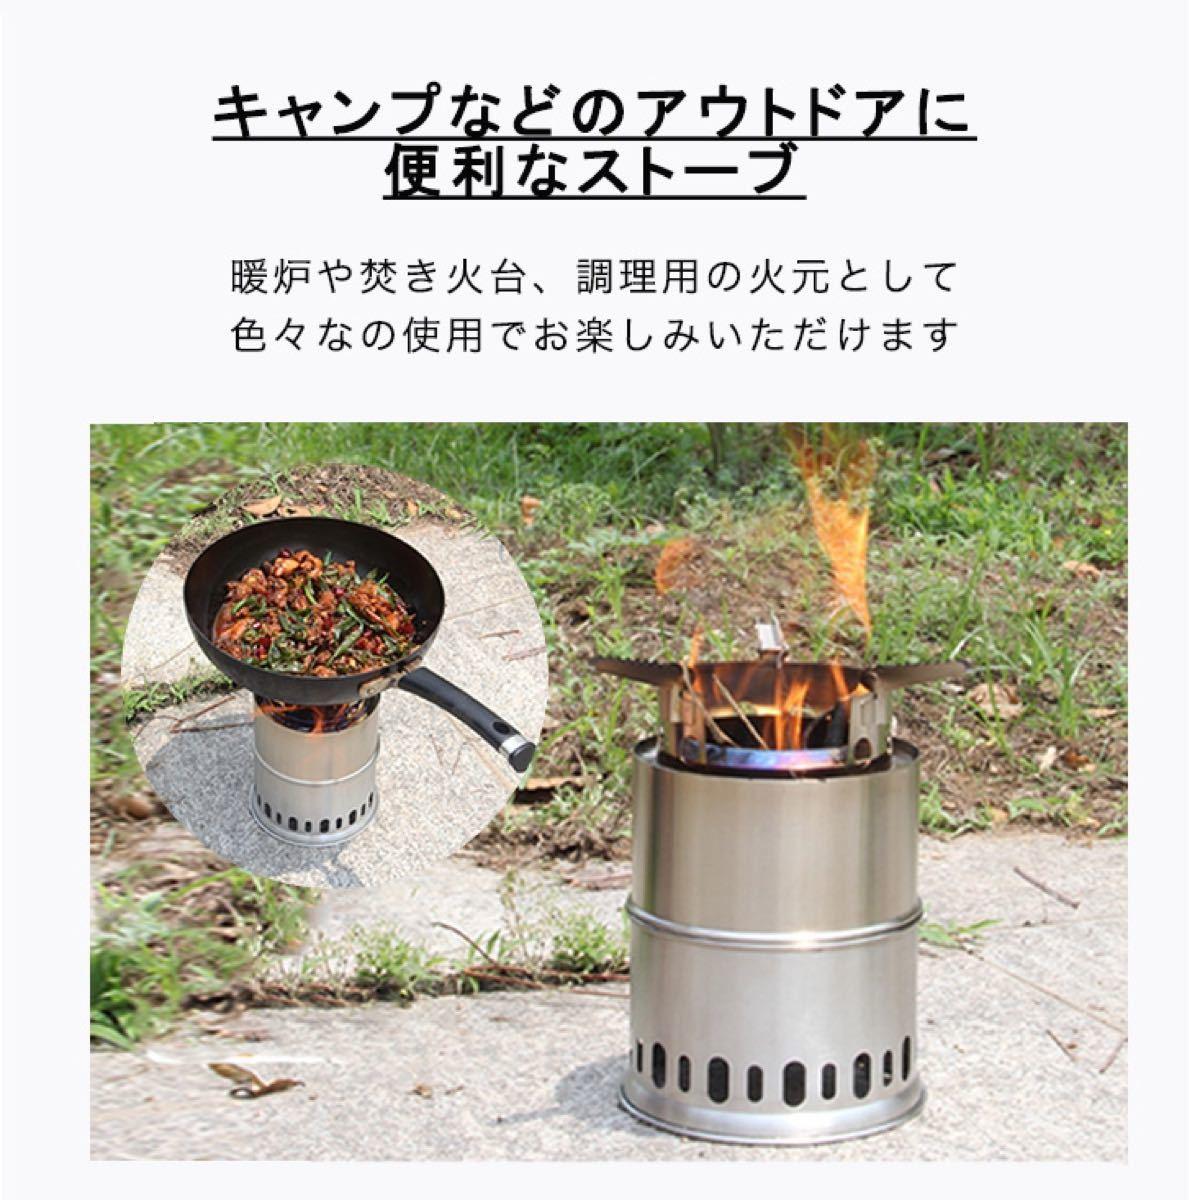 ステンレス アルコールストーブ 薪ストーブ バーベキューコンロ 焚火台 キャンプ用 軽量 コンパクト クッキング ピクニック